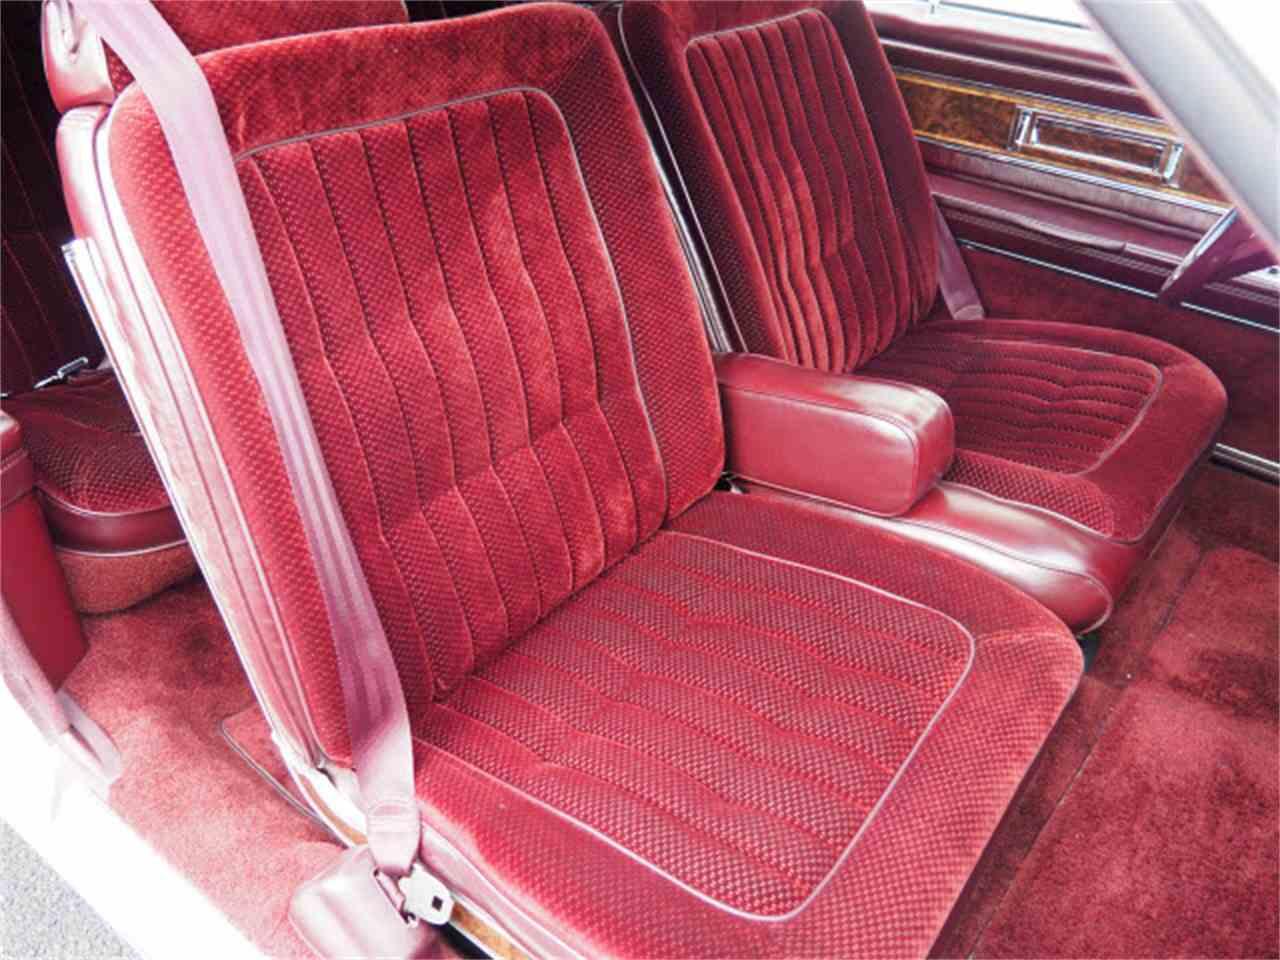 Large Picture of '85 Oldsmobile Toronado located in Ohio - $15,999.00 - LUQO